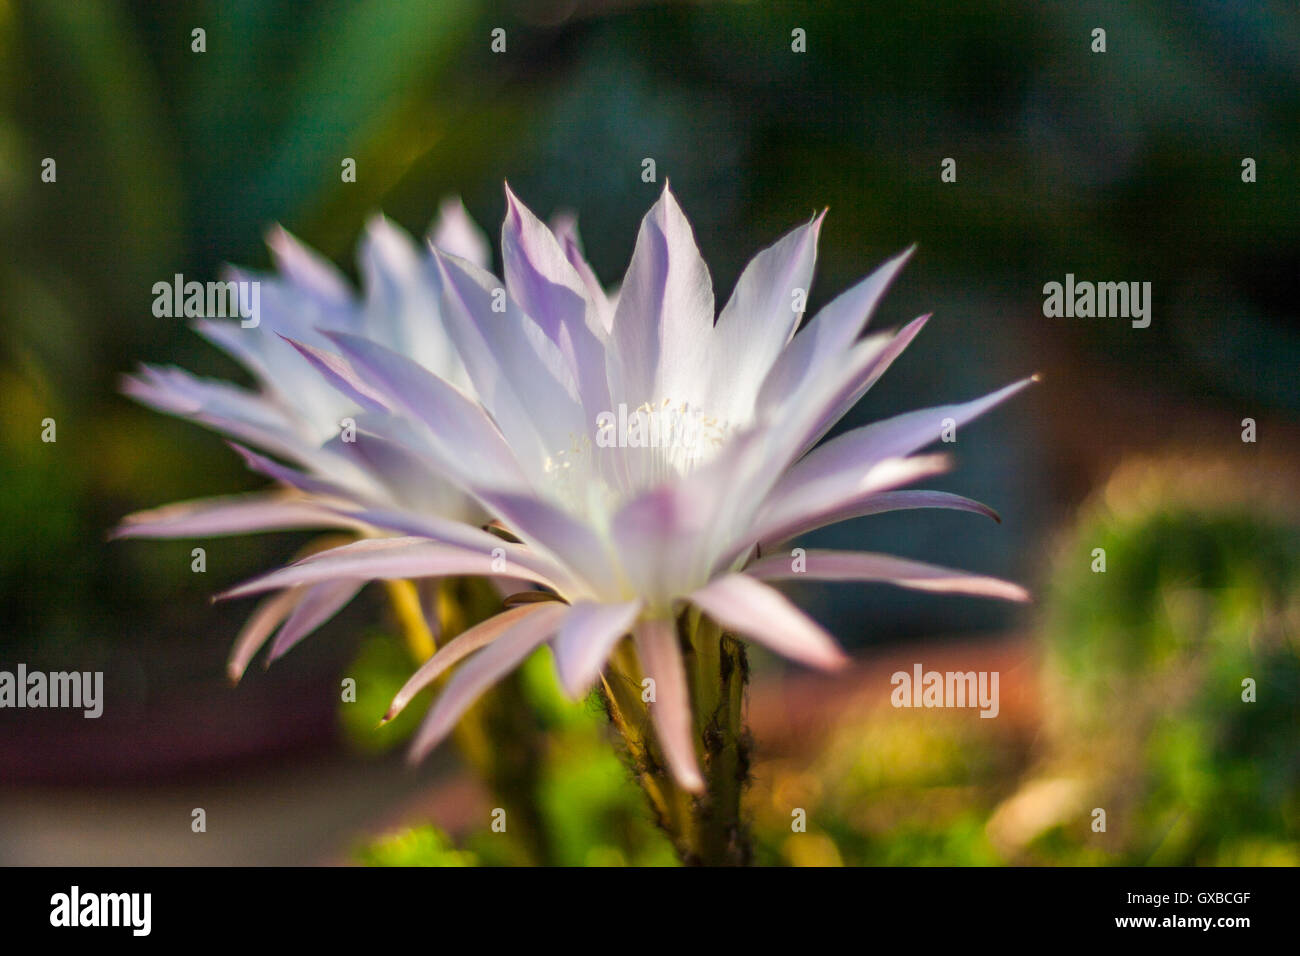 White & violett flower - Stock Image